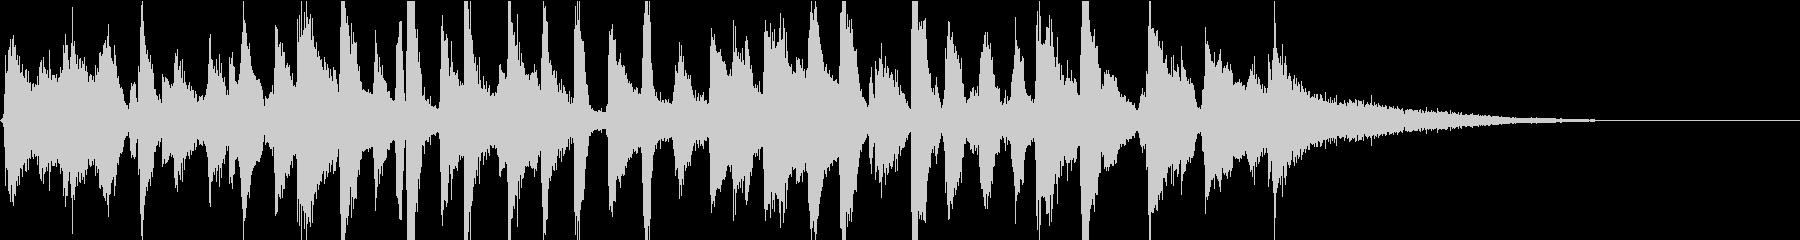 陽気なピアノレトロジャズバンドジングルの未再生の波形